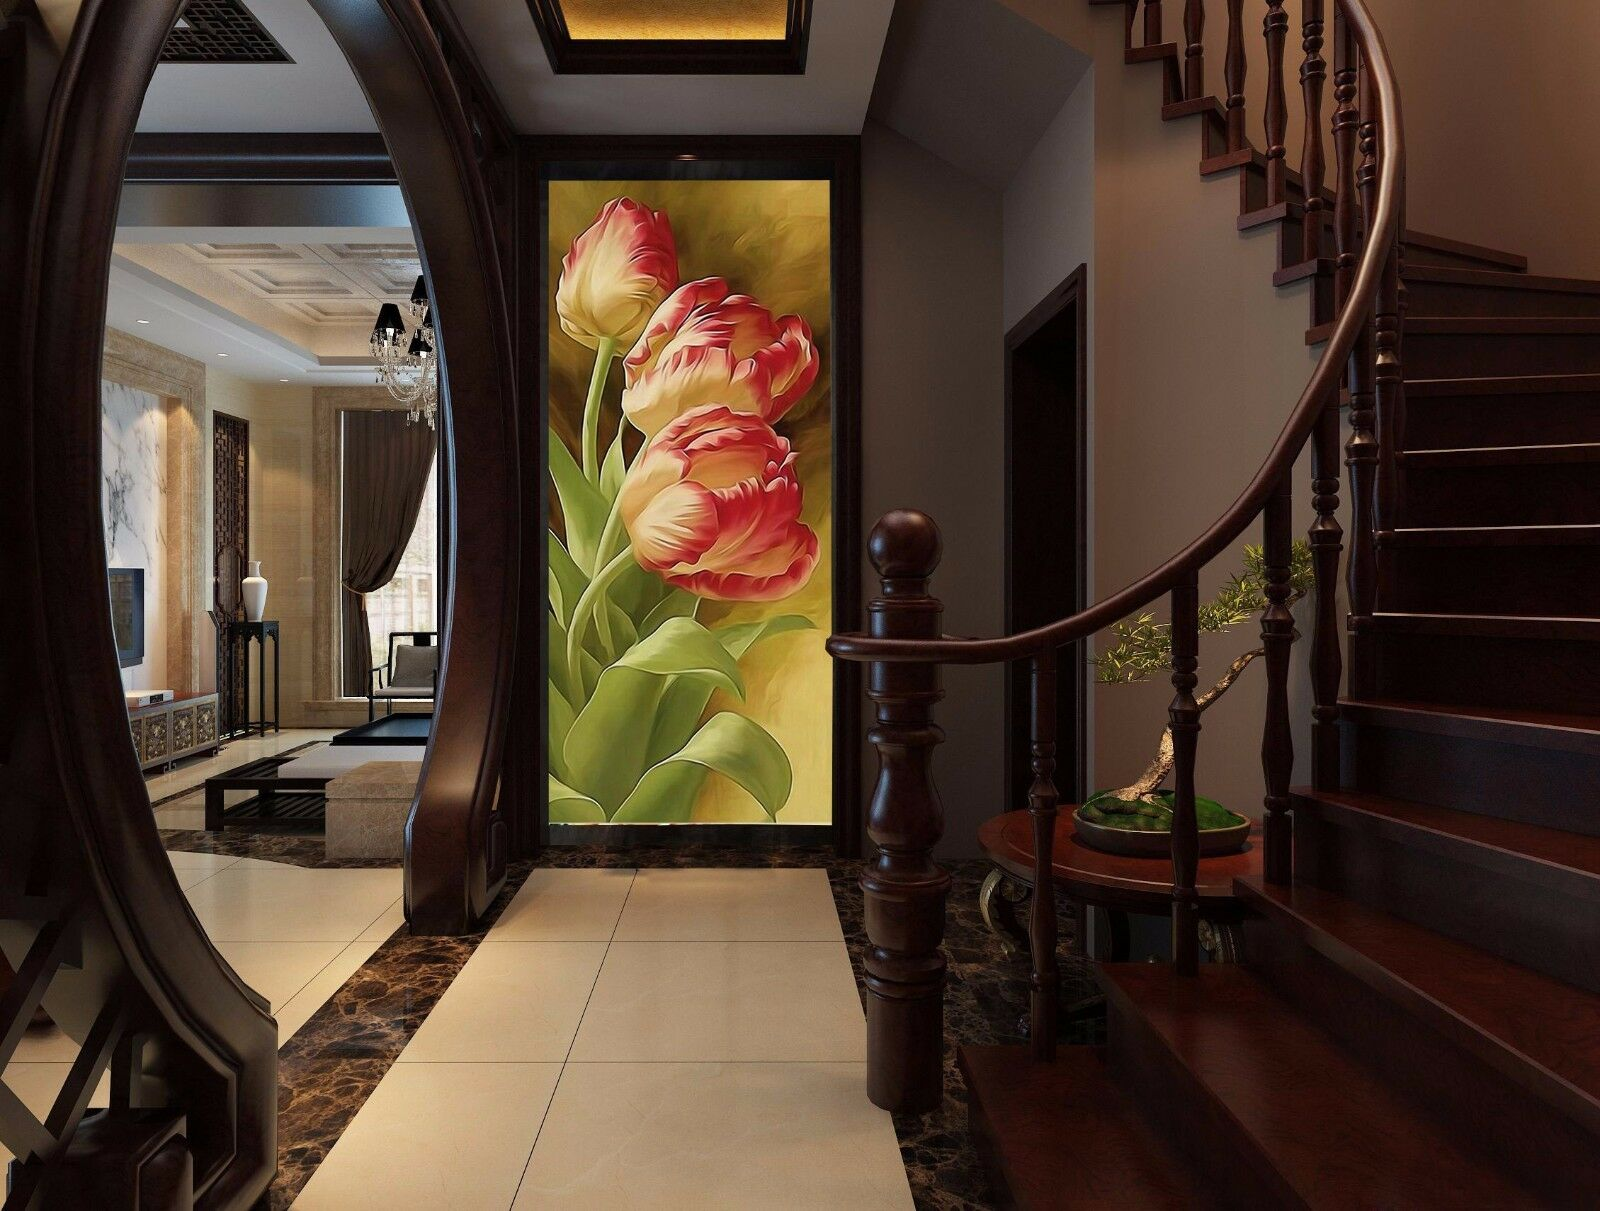 3D Petals Paint 51 Wallpaper Murals Wall Print Wallpaper Mural AJ WALLPAPER UK